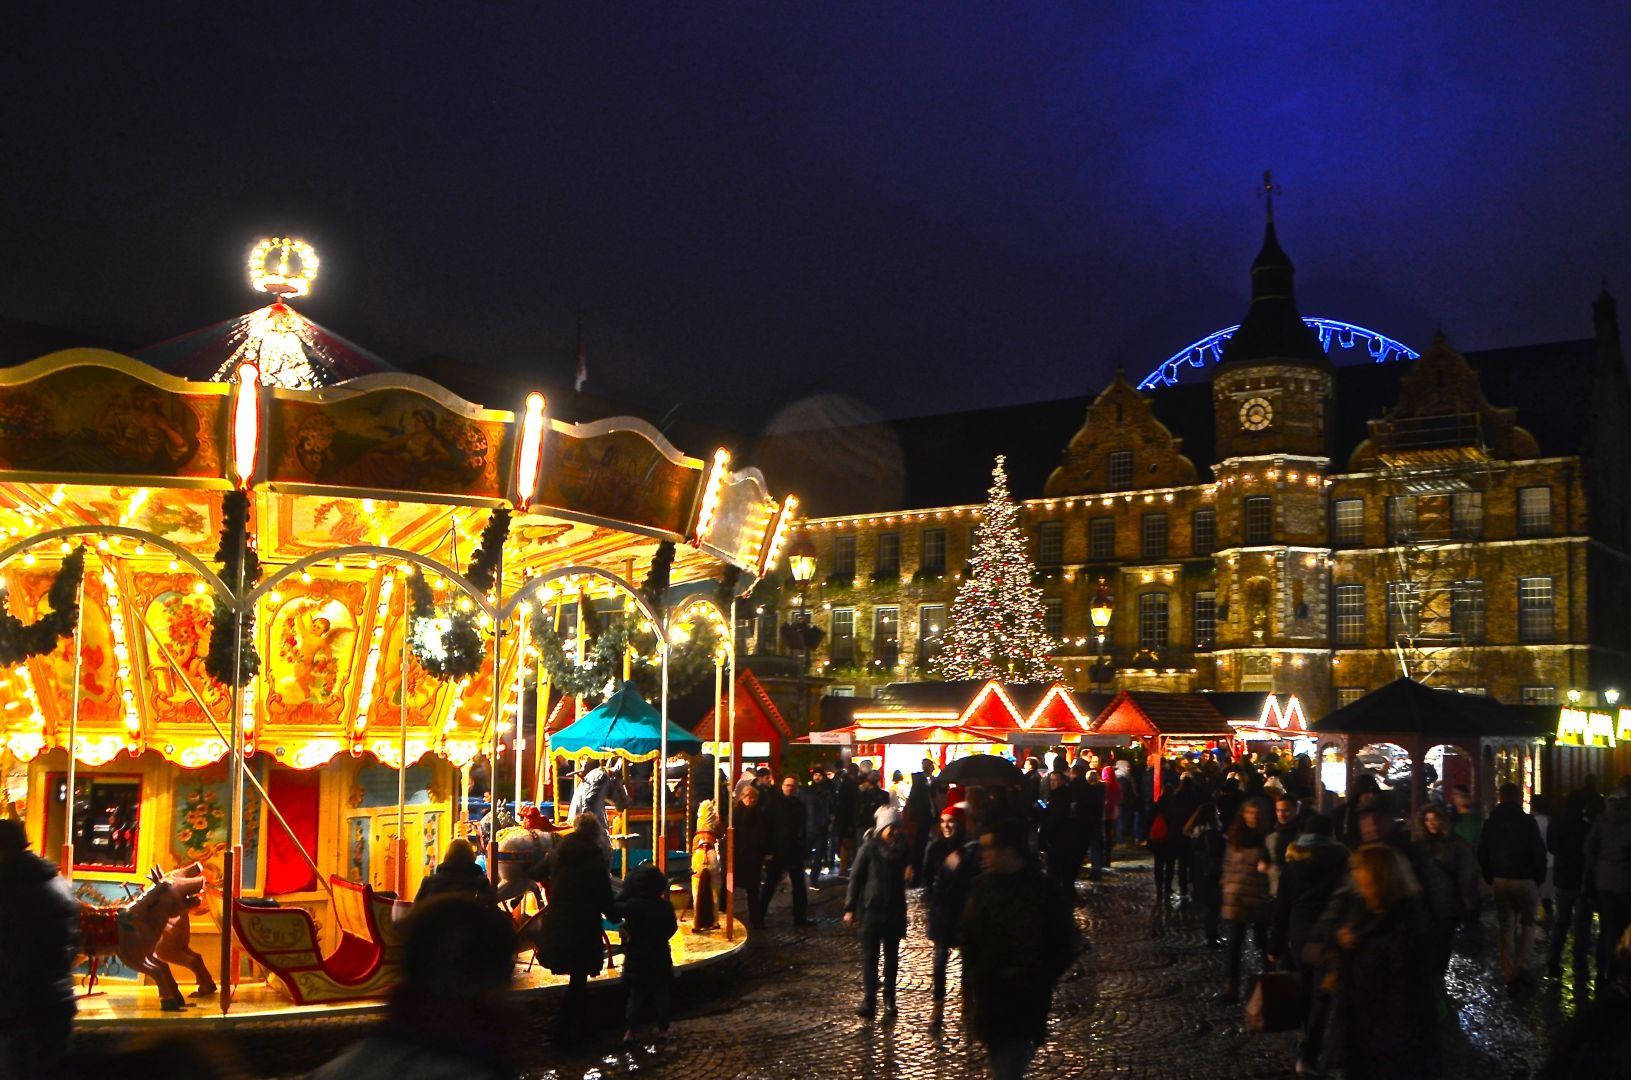 Kerstmarkt op de Marktplatz